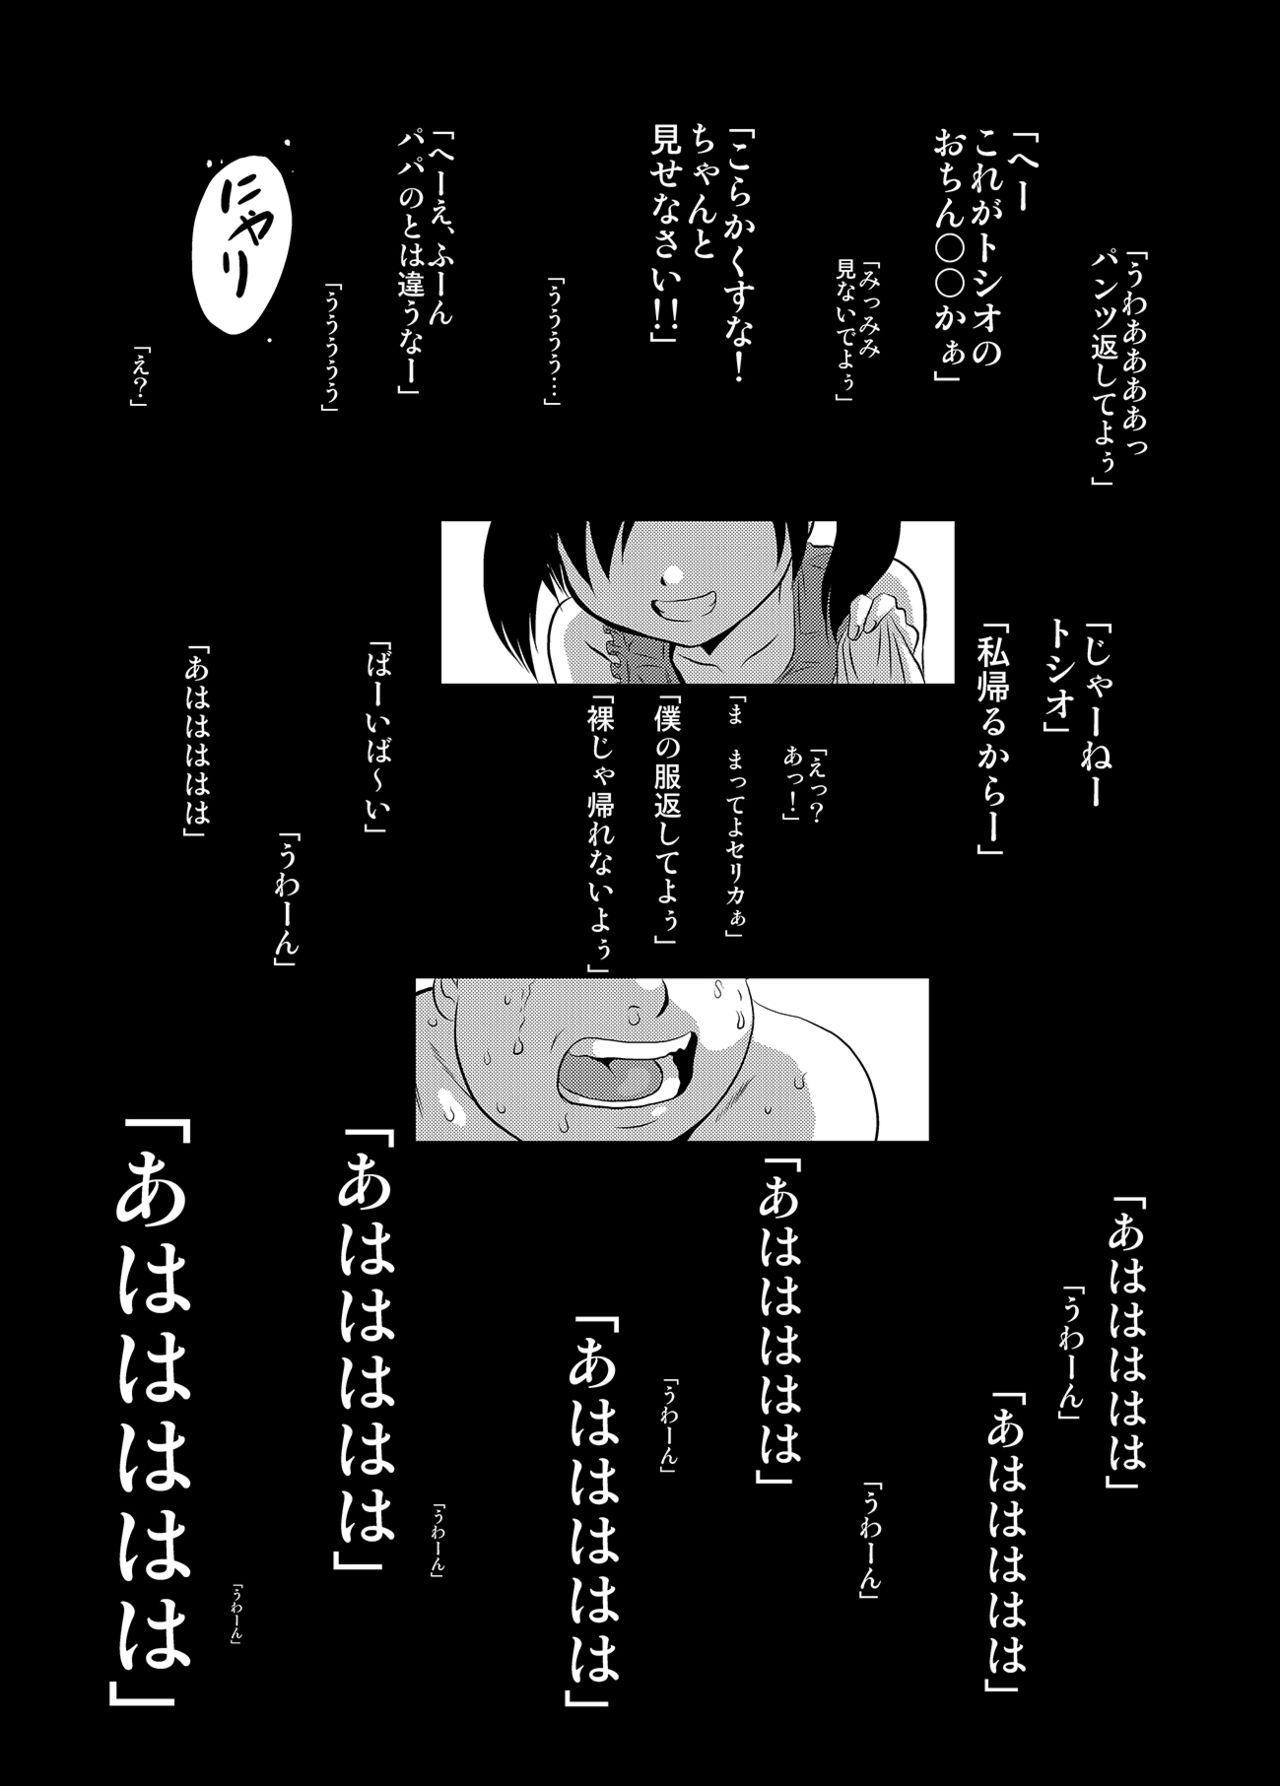 Mukashi kara Baka ni Shiteita Itoko no Kanninbukuro no O ga Kireta Kekka, Futarikiri no Semai Shanai de Karada o Moteasobareta Natsu no Hi no Koto. 3